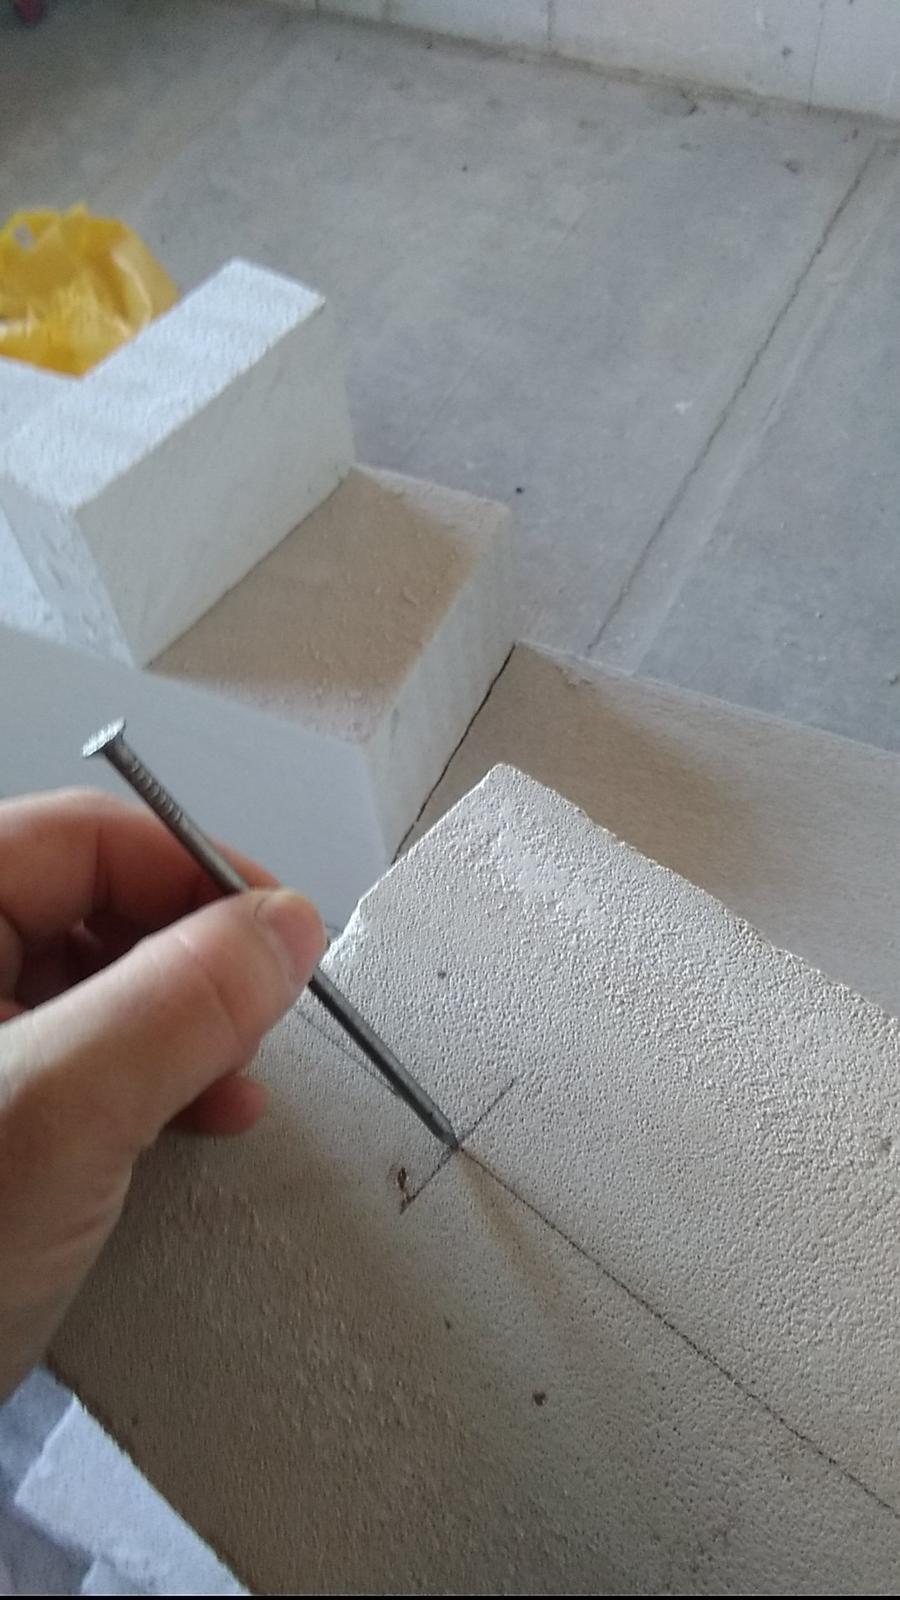 Ytongový překlad z příčkovky (nenosný) - hřebíkem si naznačte středy děr - důlek pomůže vrtat přesněji - stačí naznačit